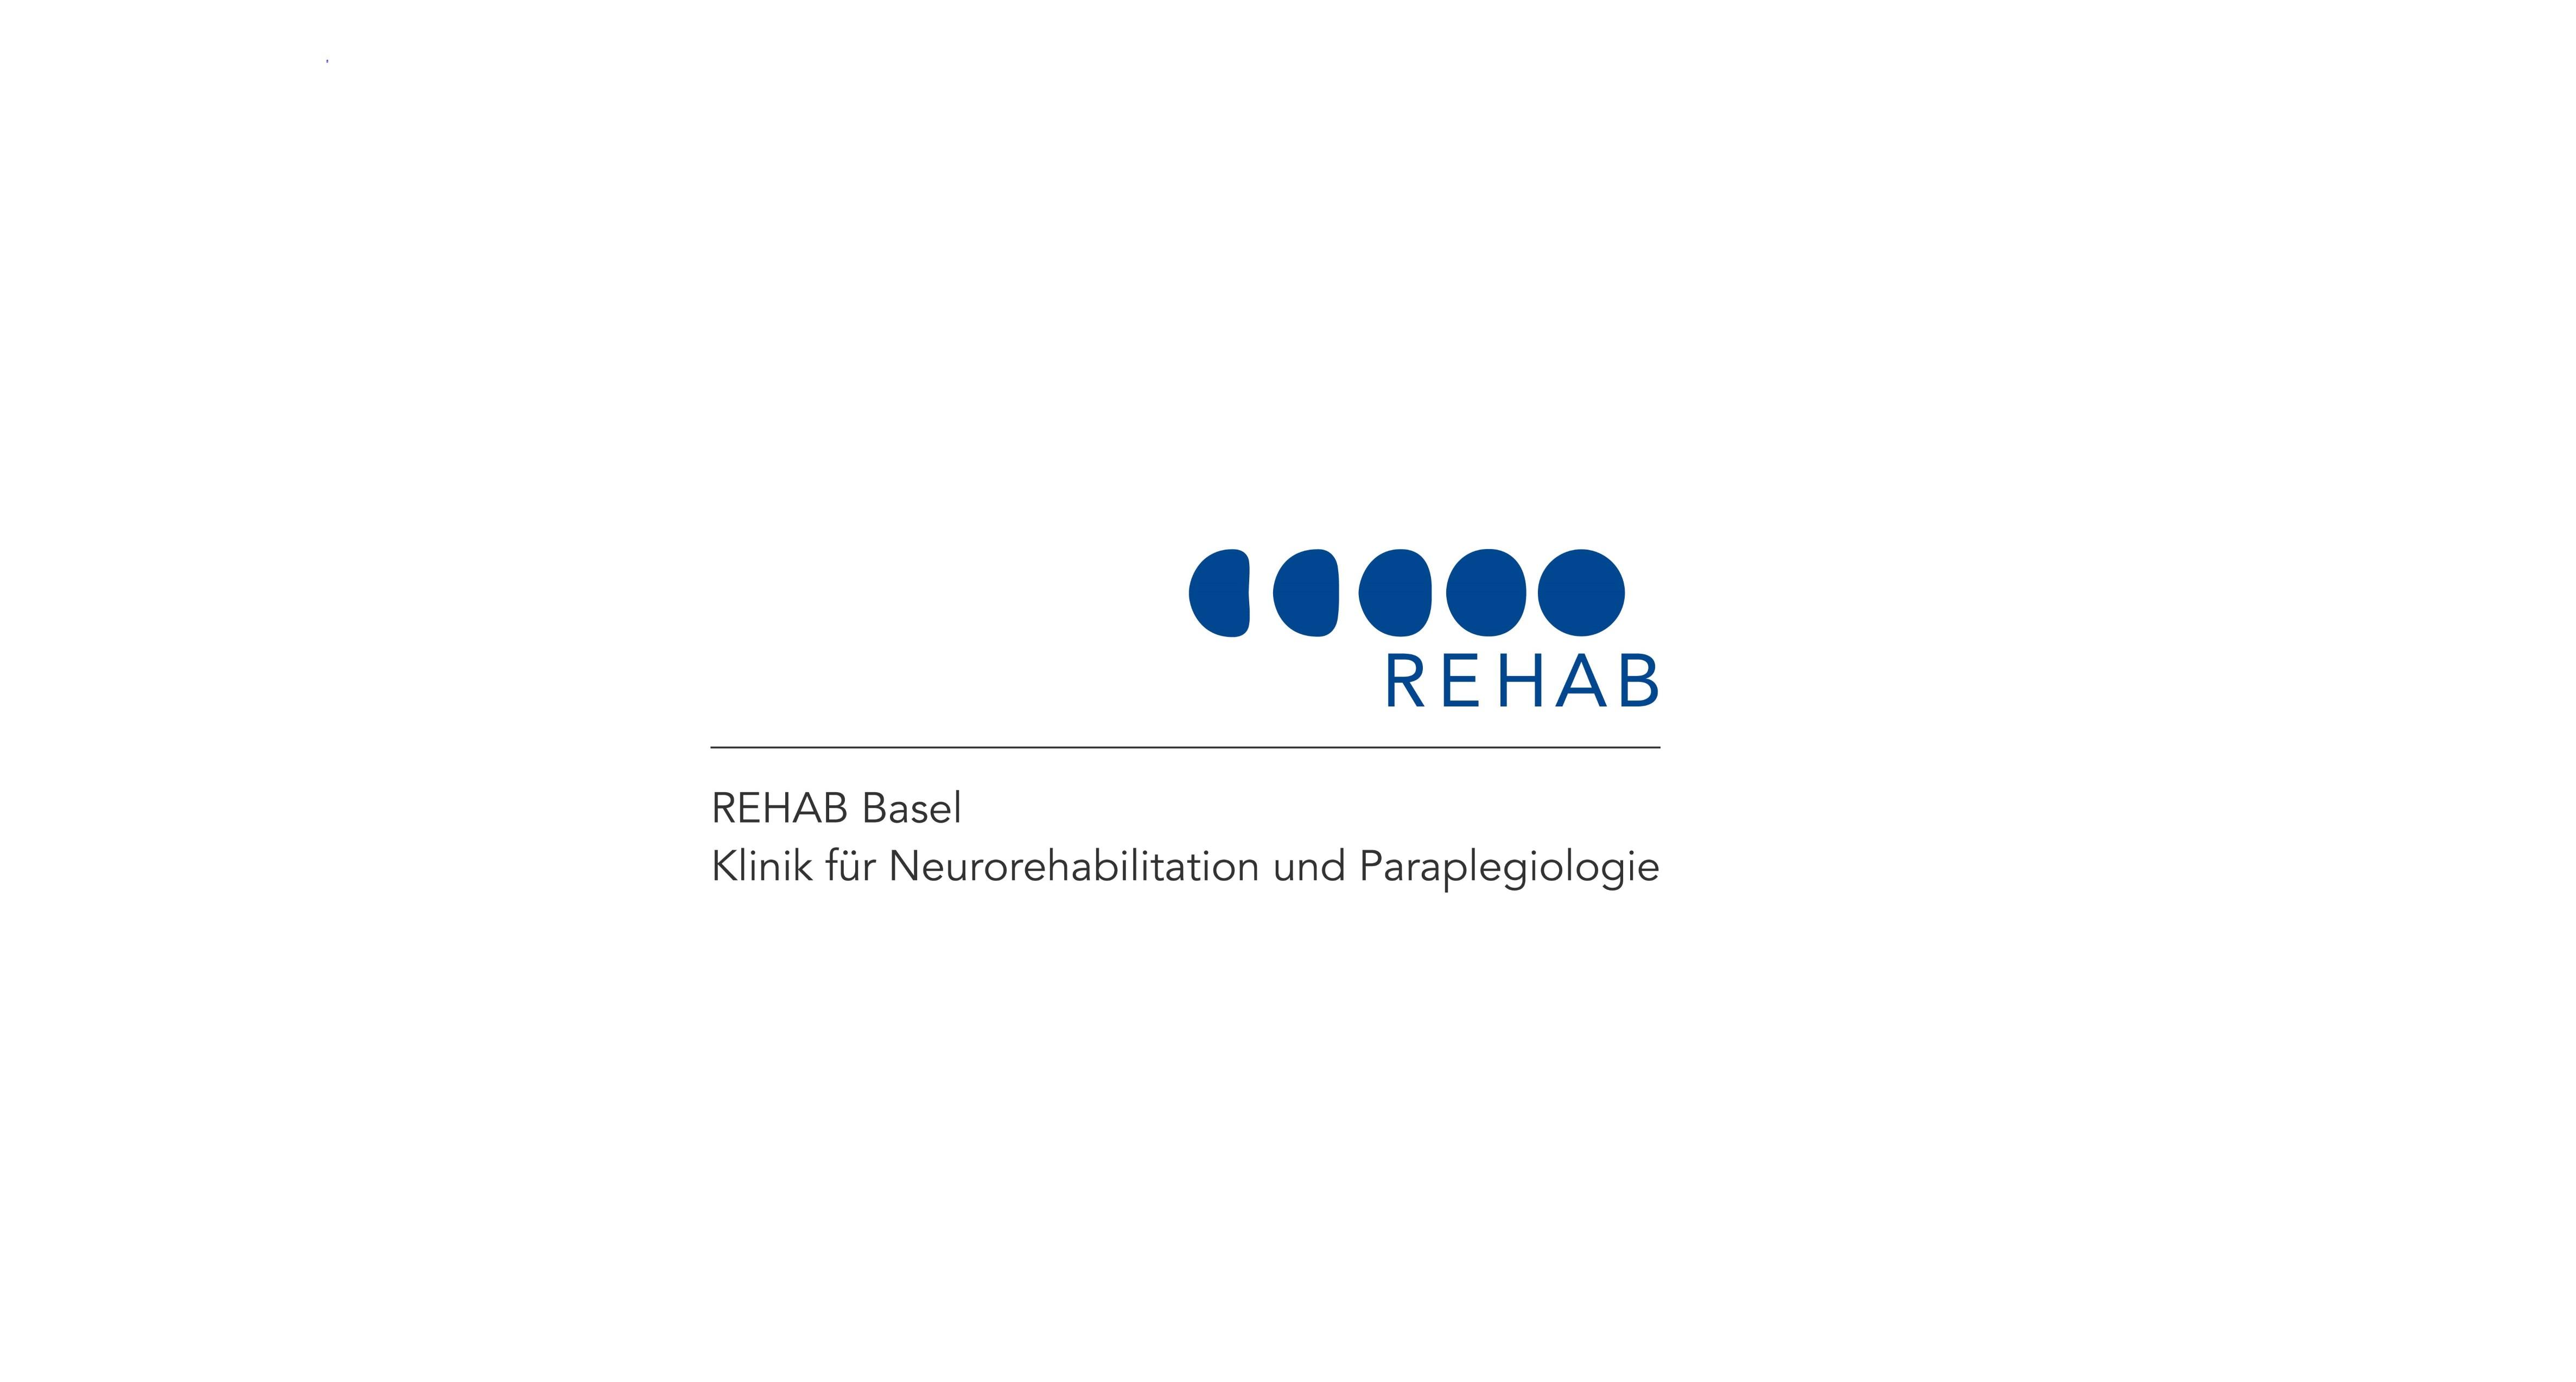 Logo der Rehab Basel